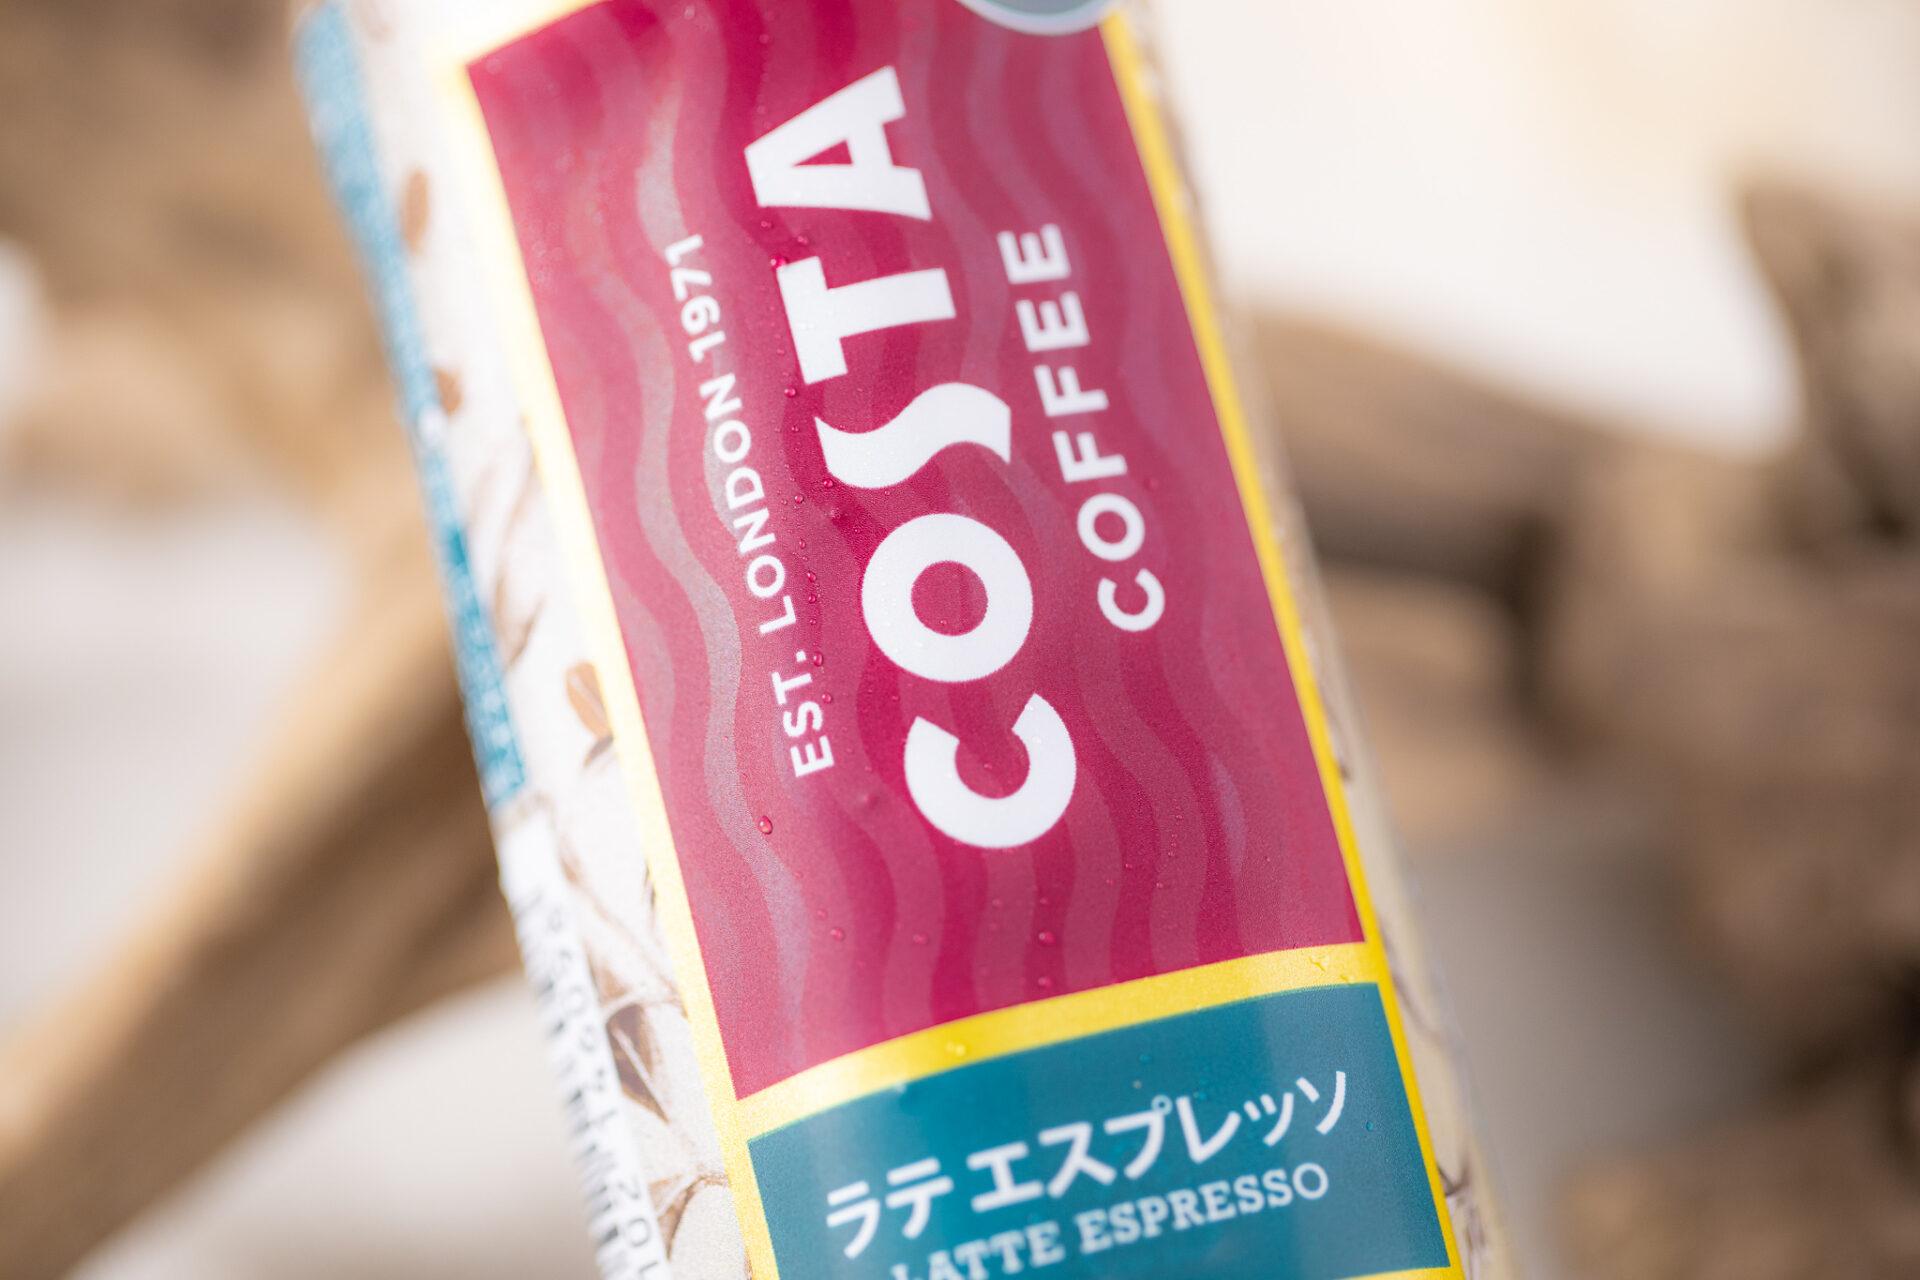 コカ・コーラ『コスタ ラテ エスプレッソ』